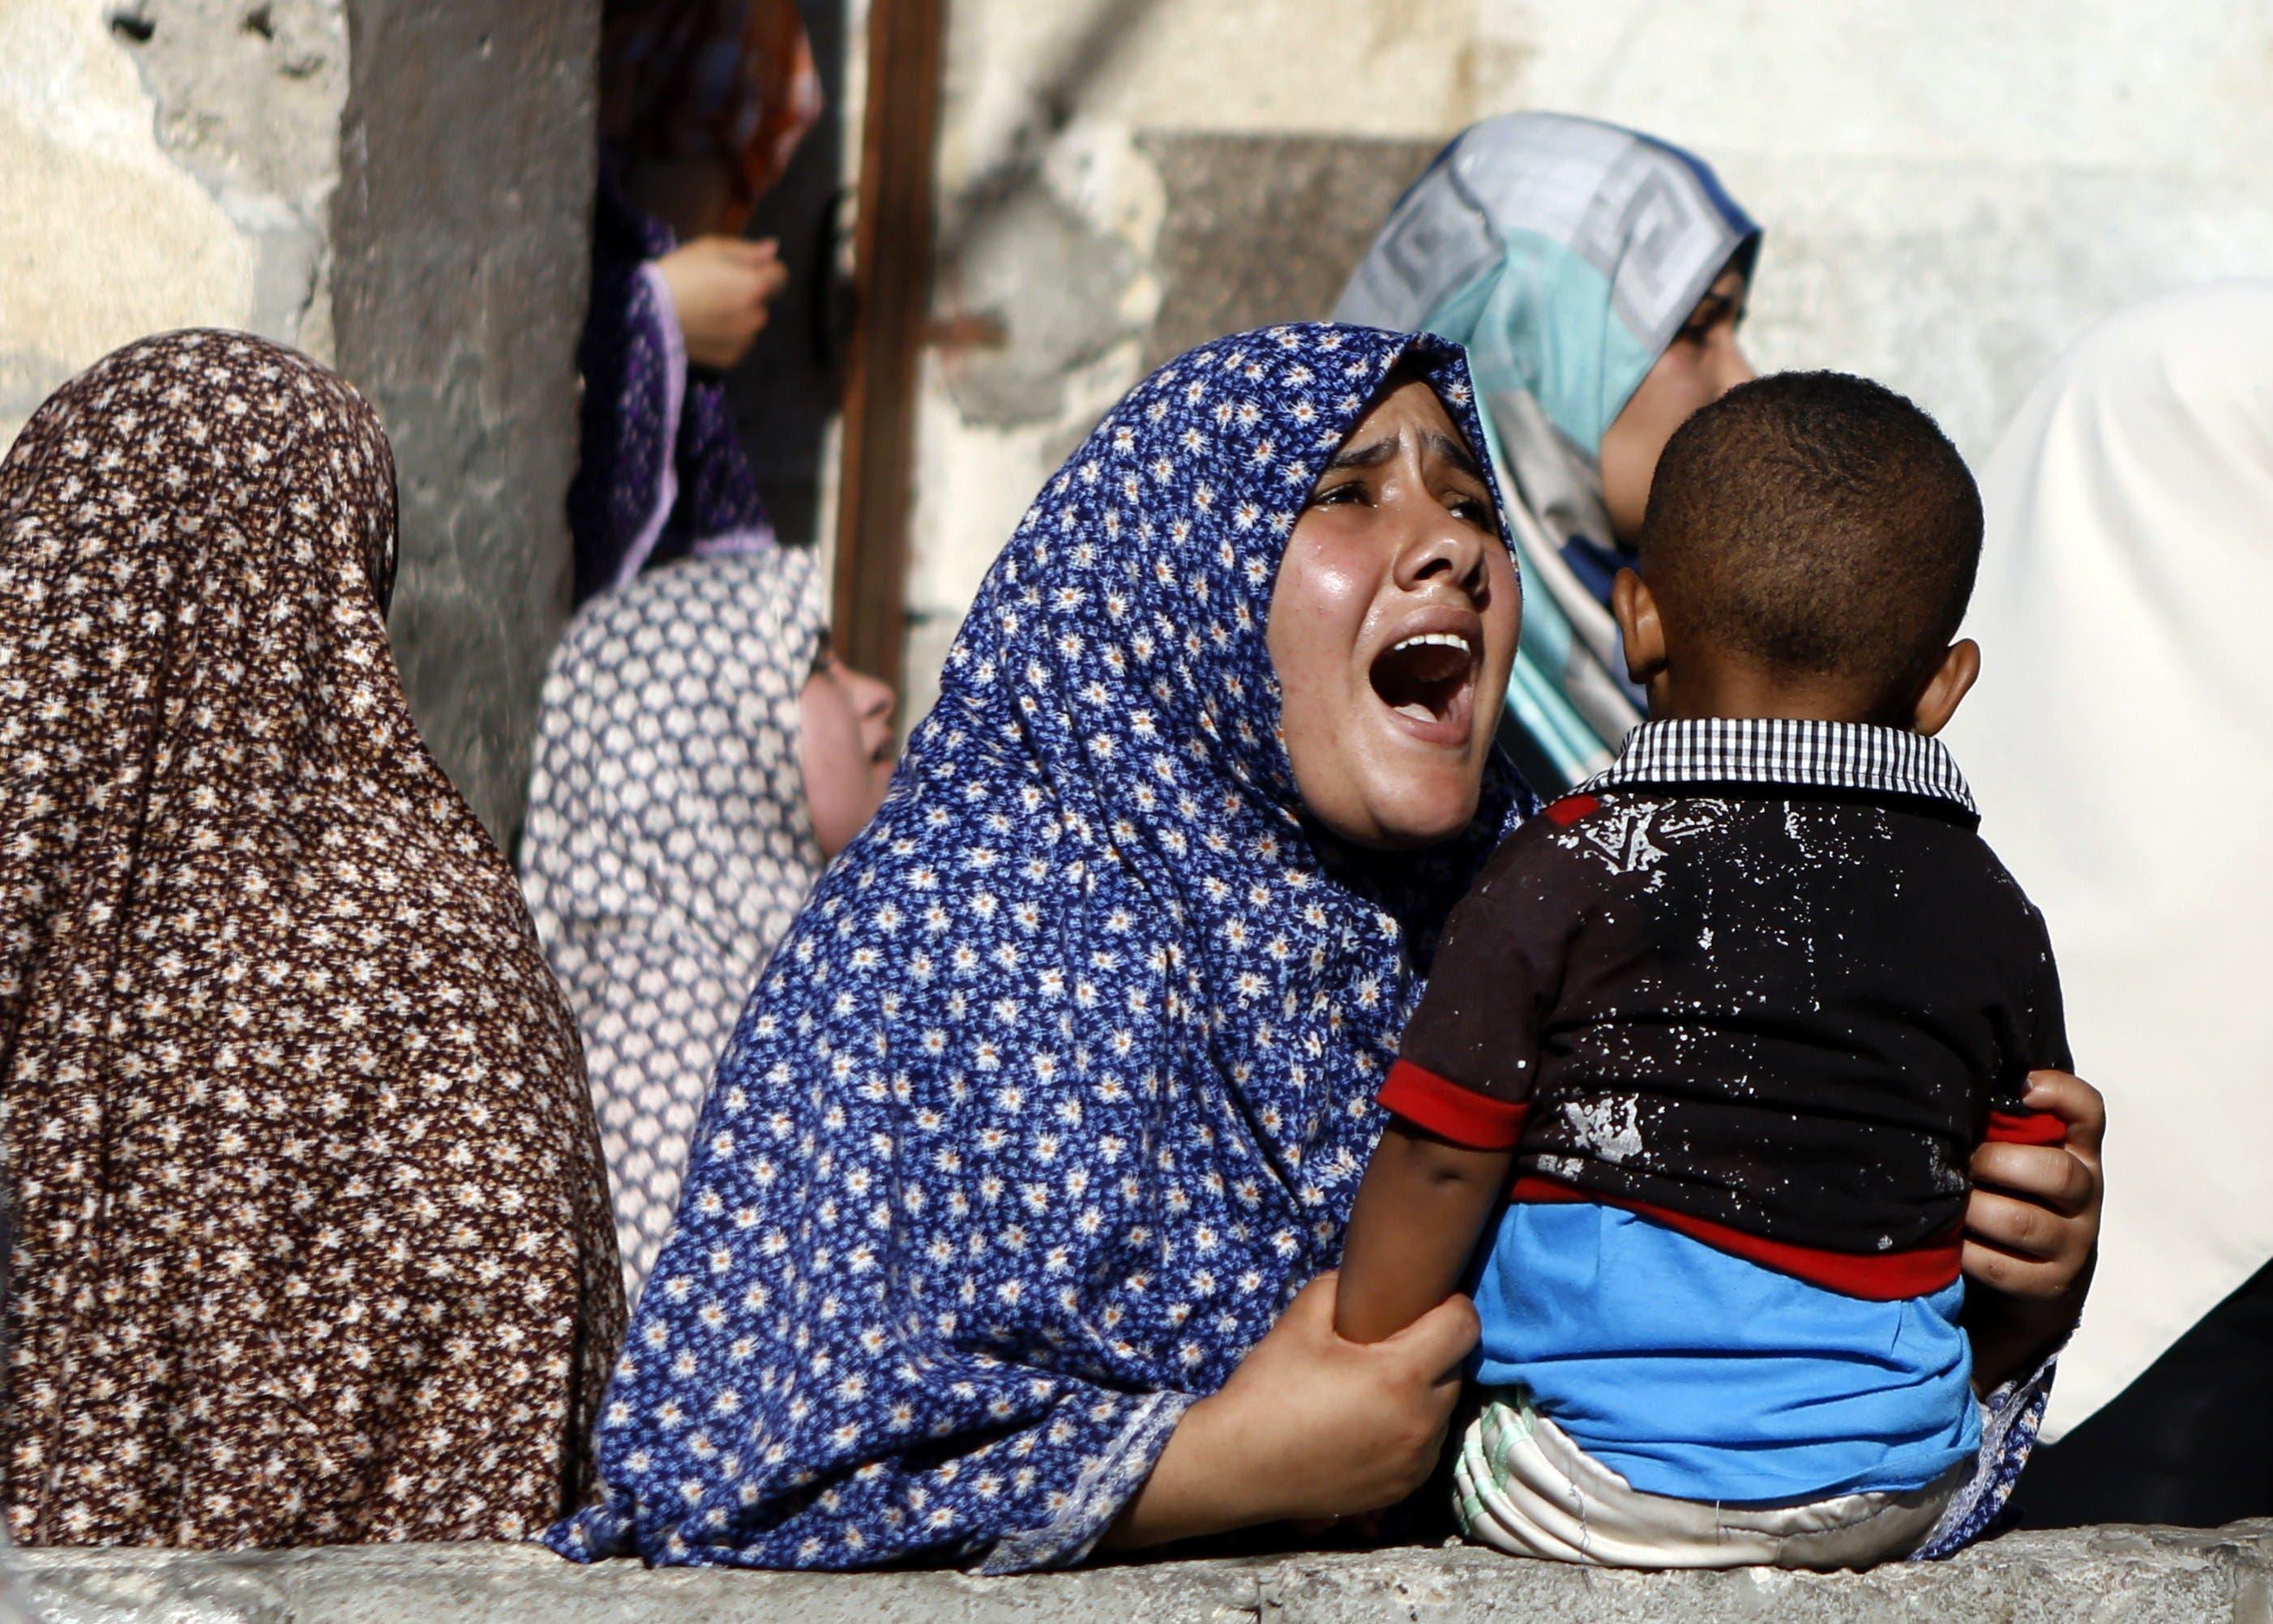 Lectores consideran Palestina tiene razón en conflicto con Israel